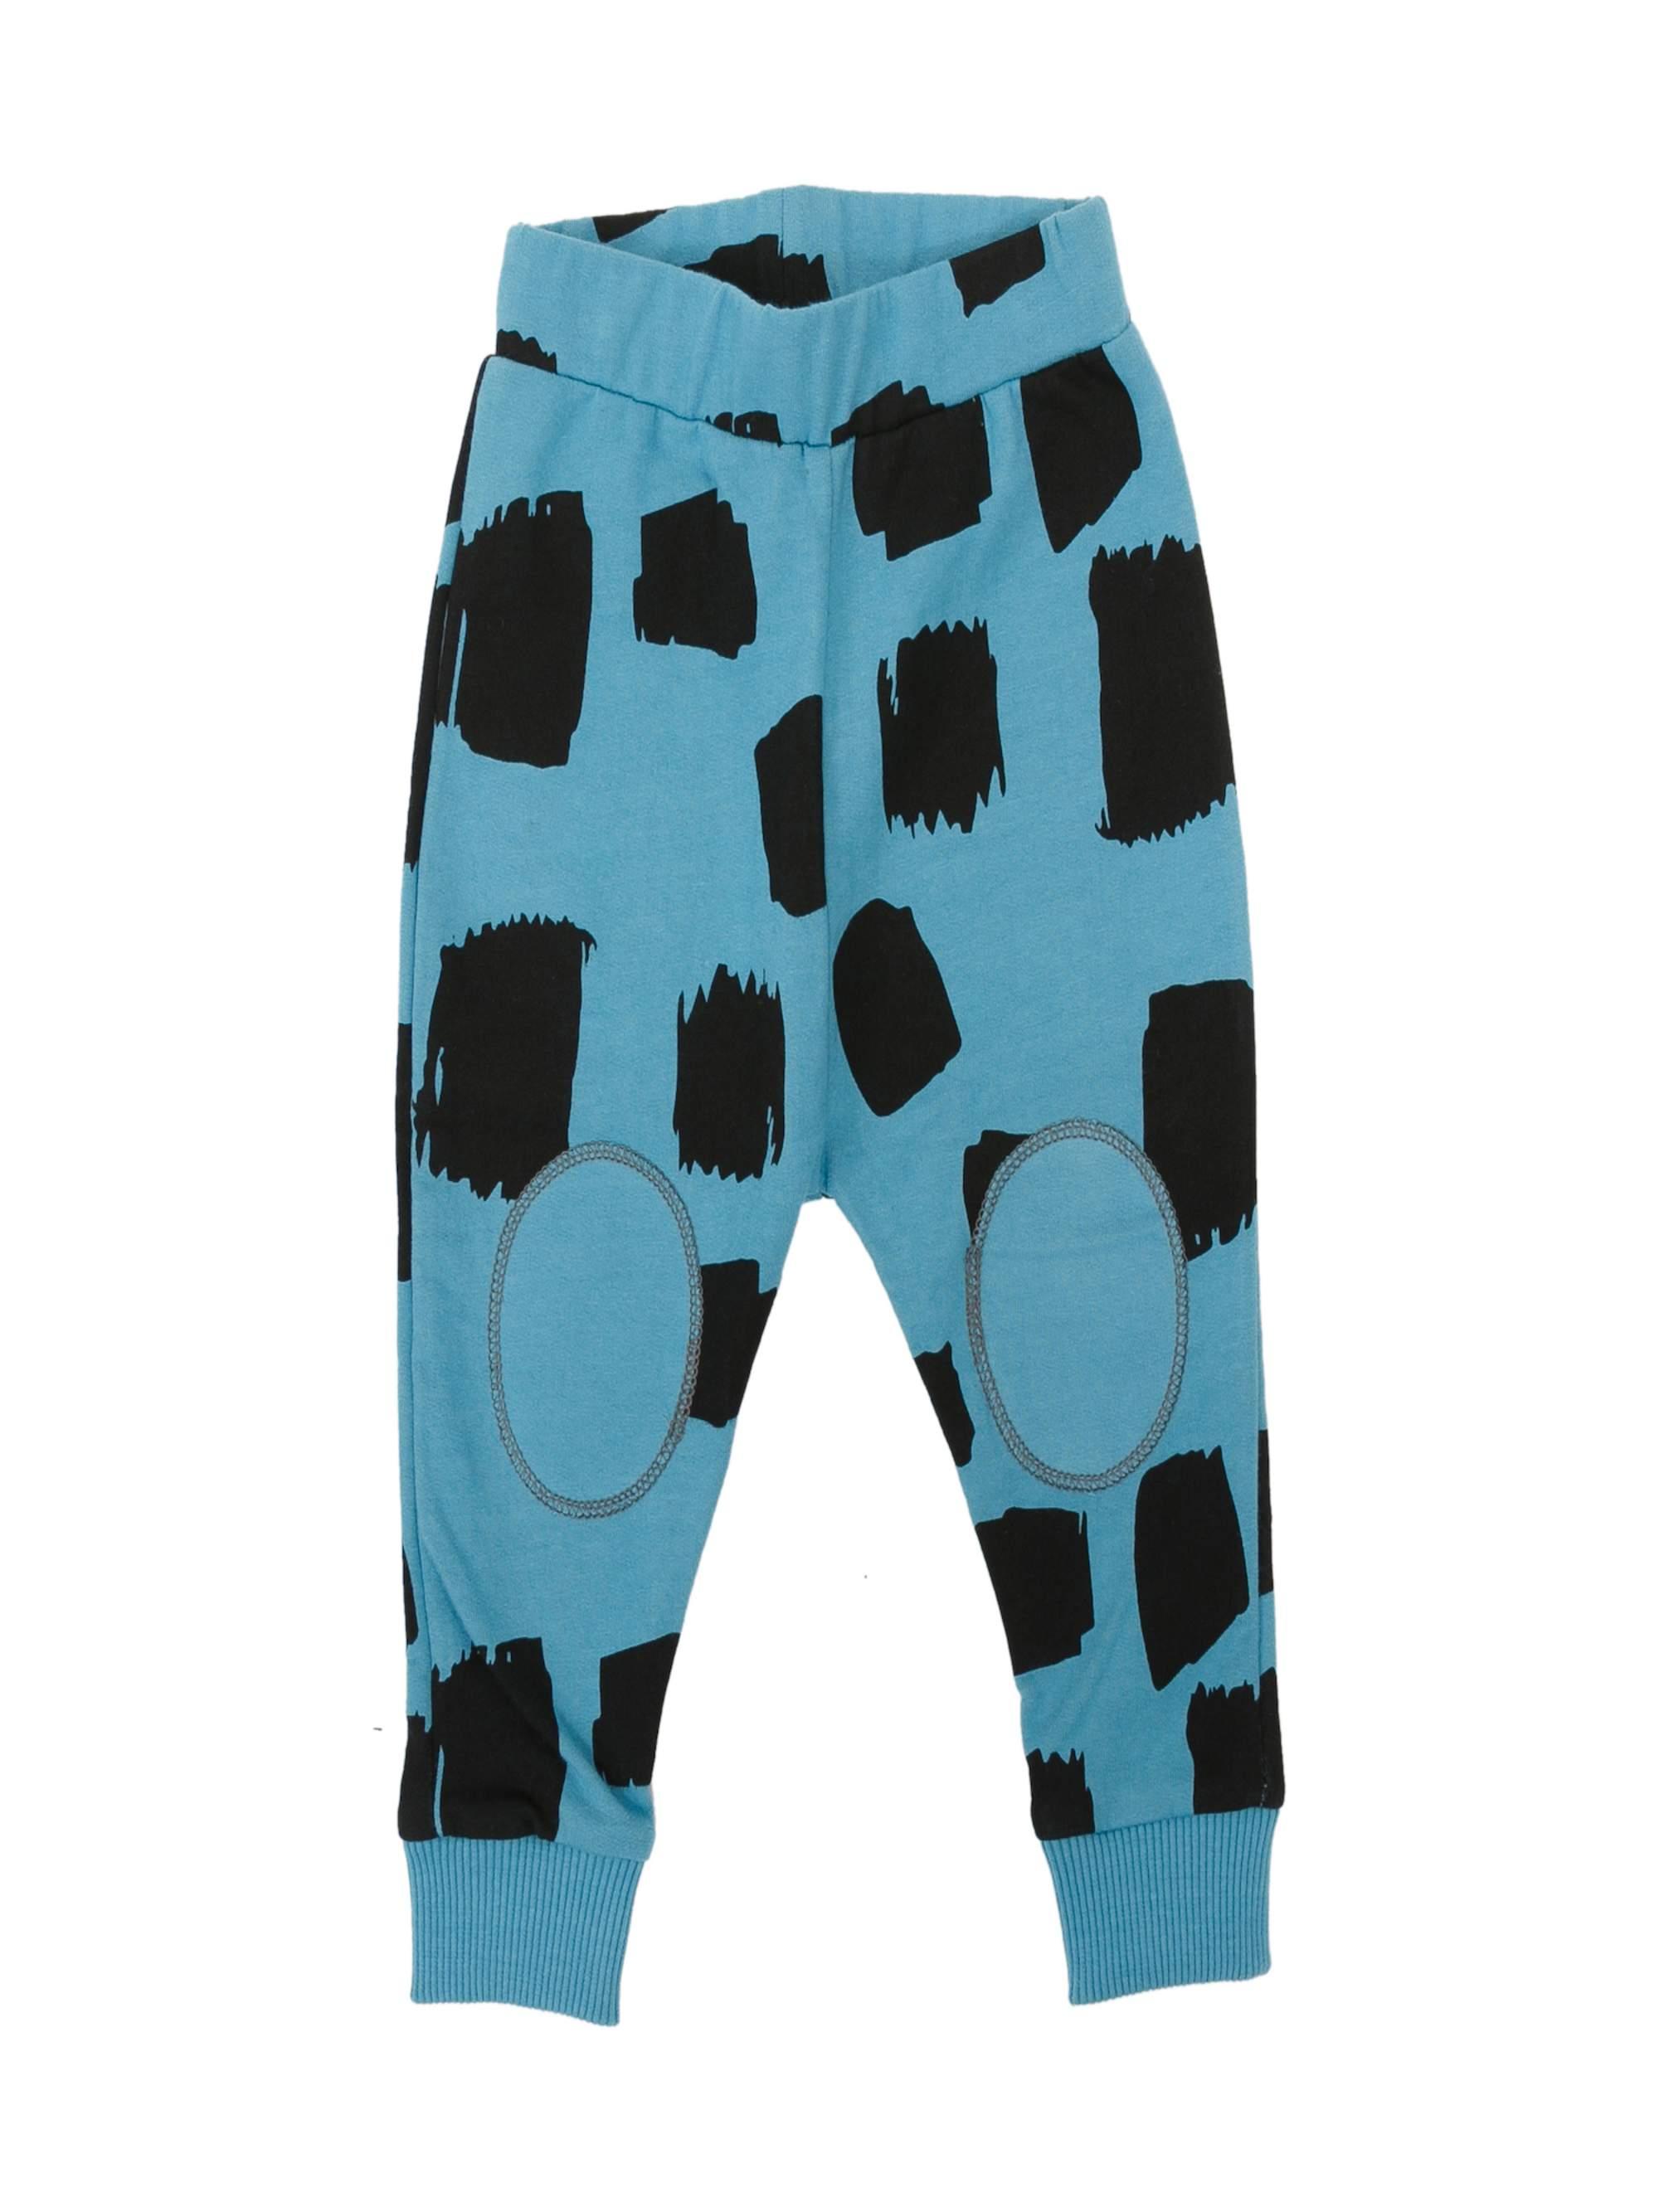 6 Sticks Baby Boy Square Print Knit Sweatpants